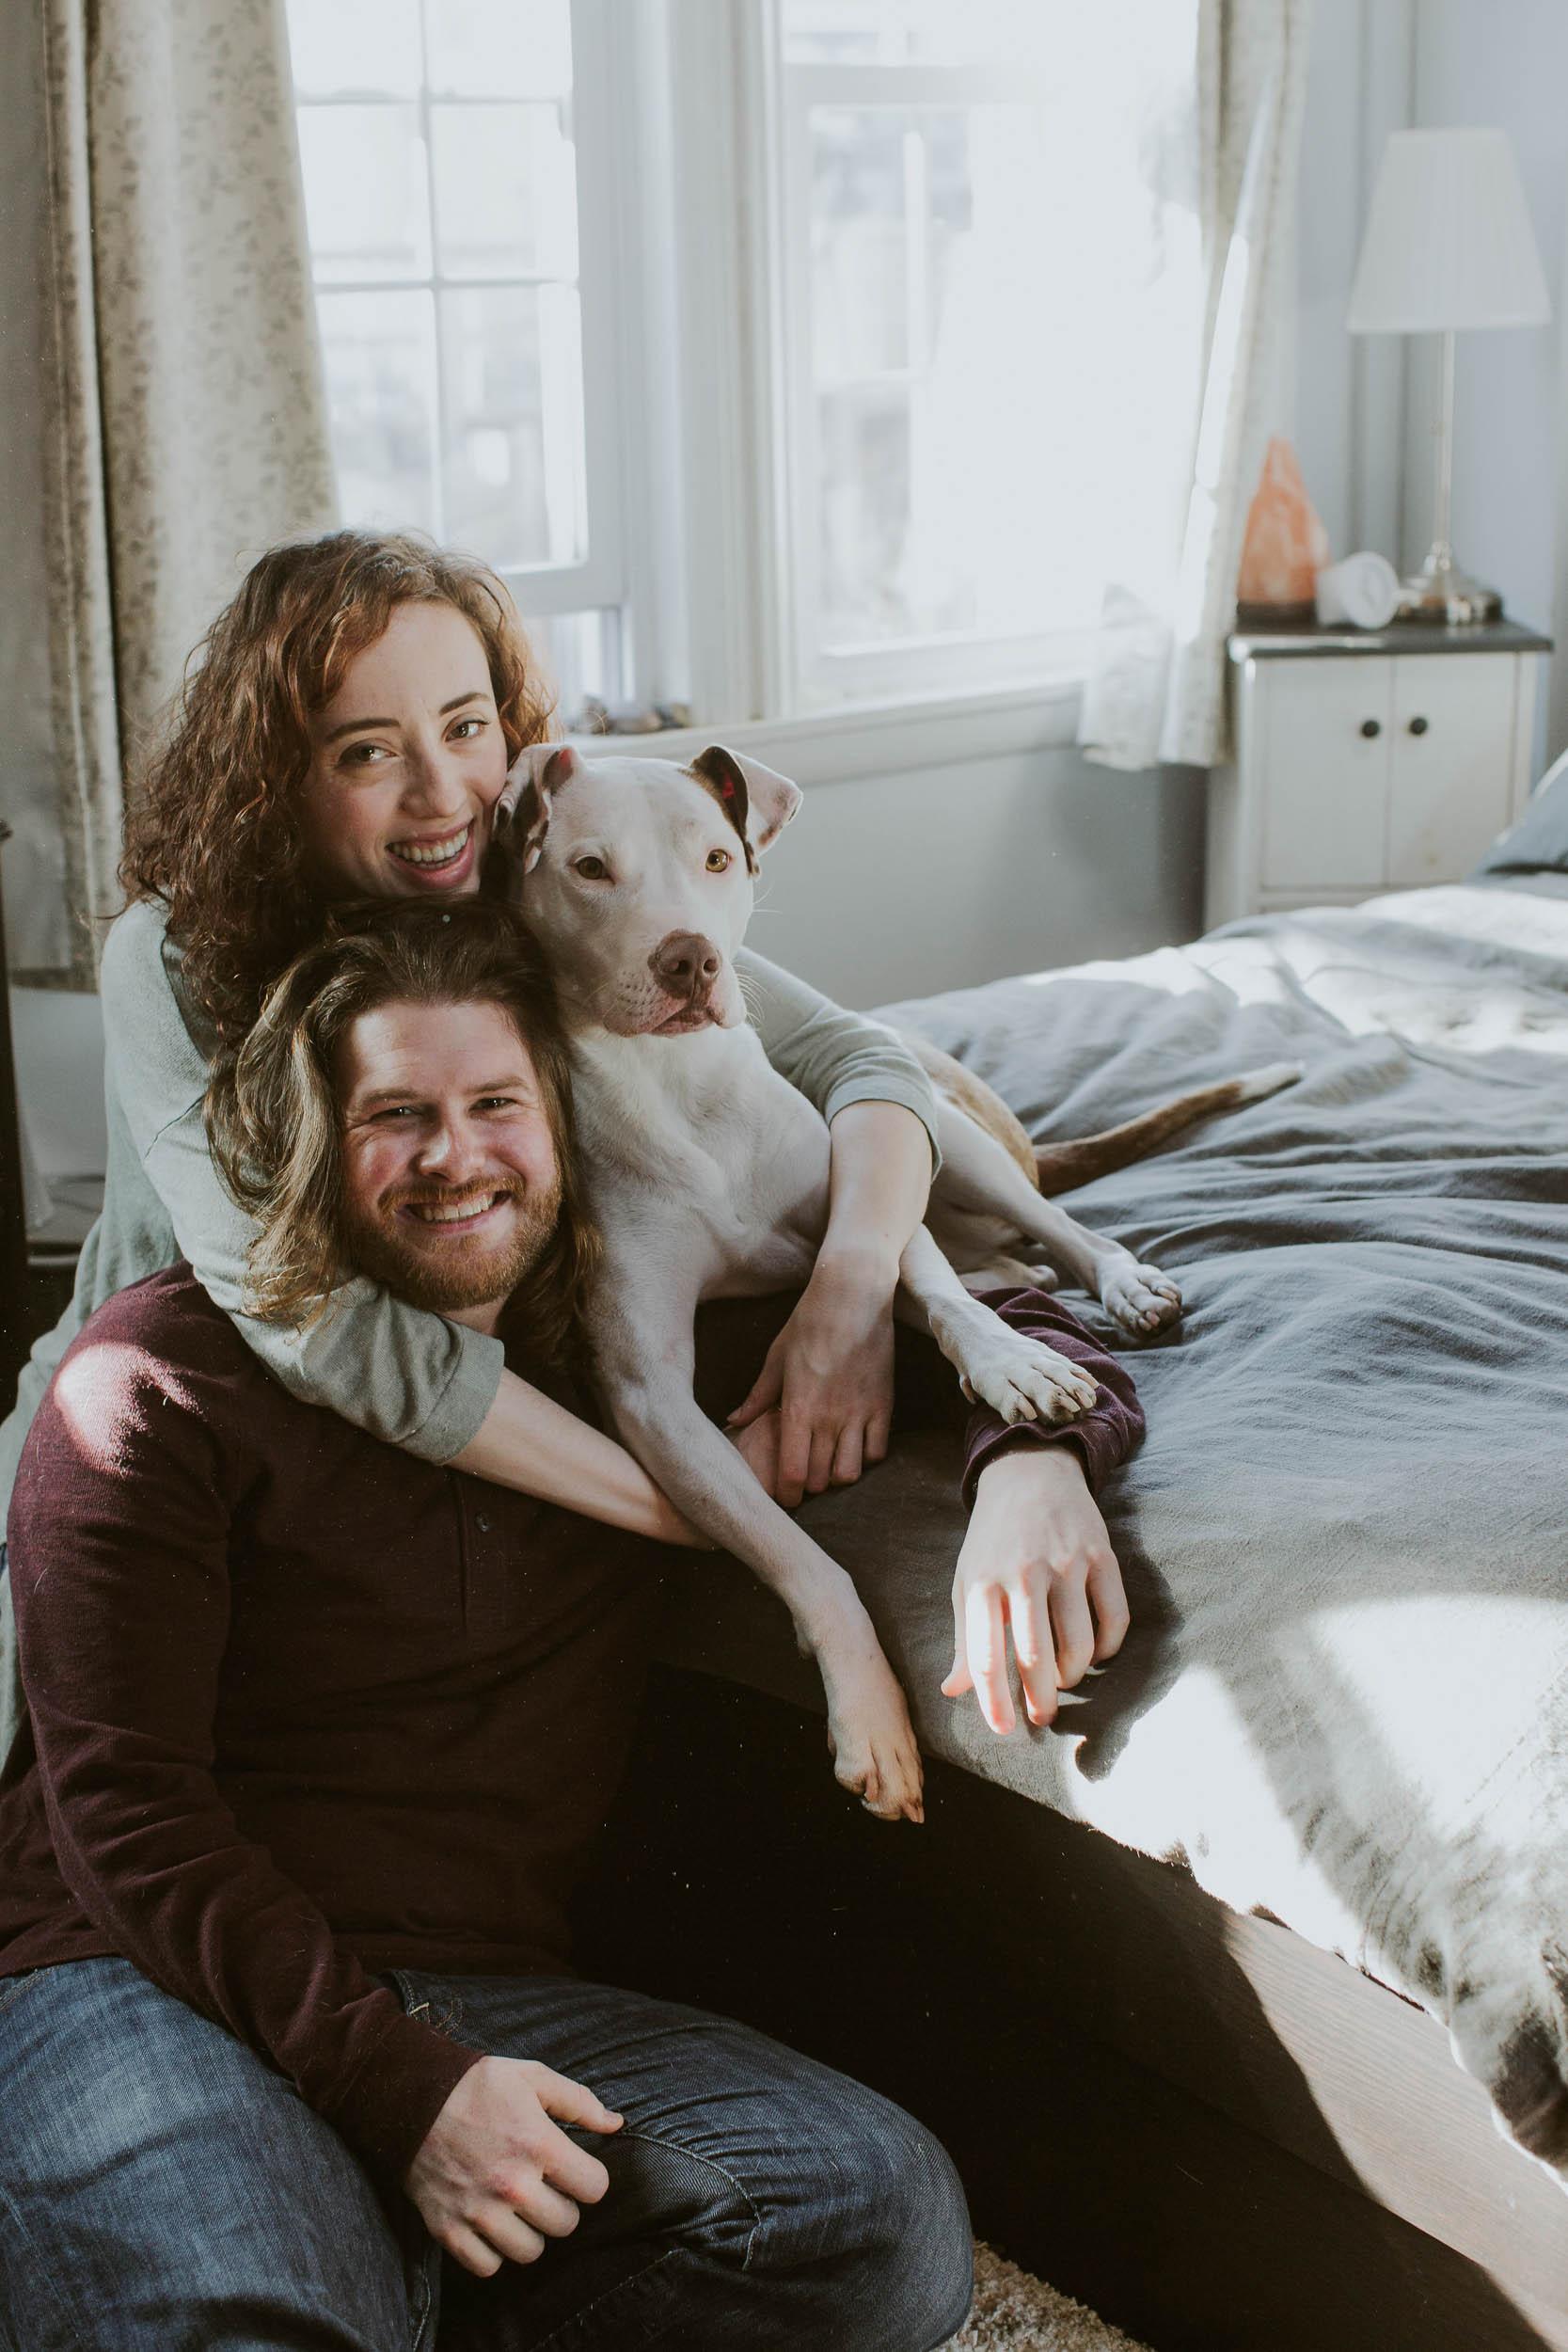 Kristen-Humbert-Family-Photoshoot-Philadelphia_Ruby-James-W-2-19.jpg